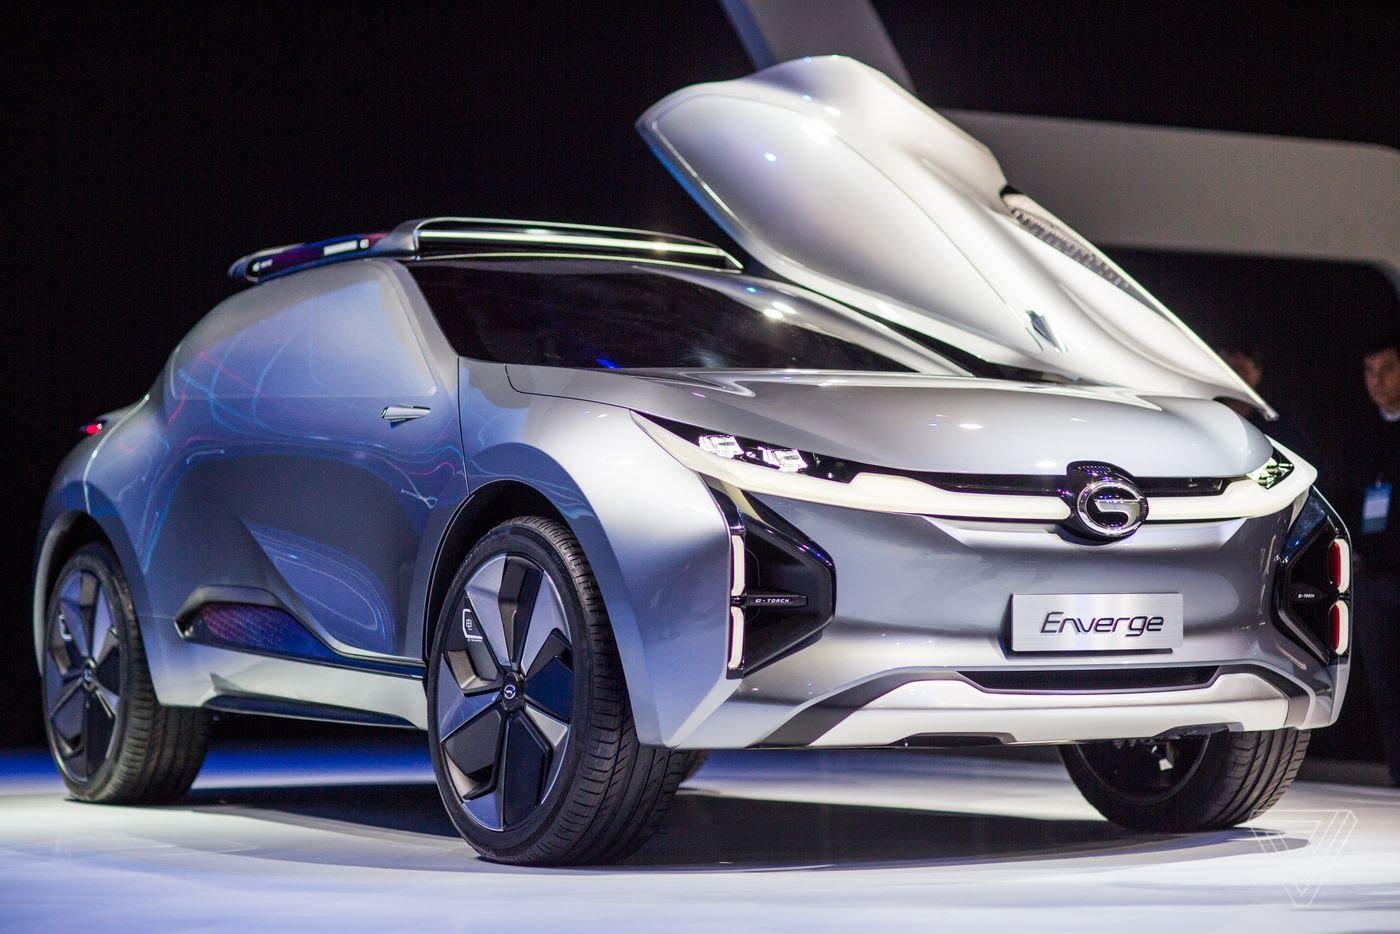 GAC Enverge electric concept car